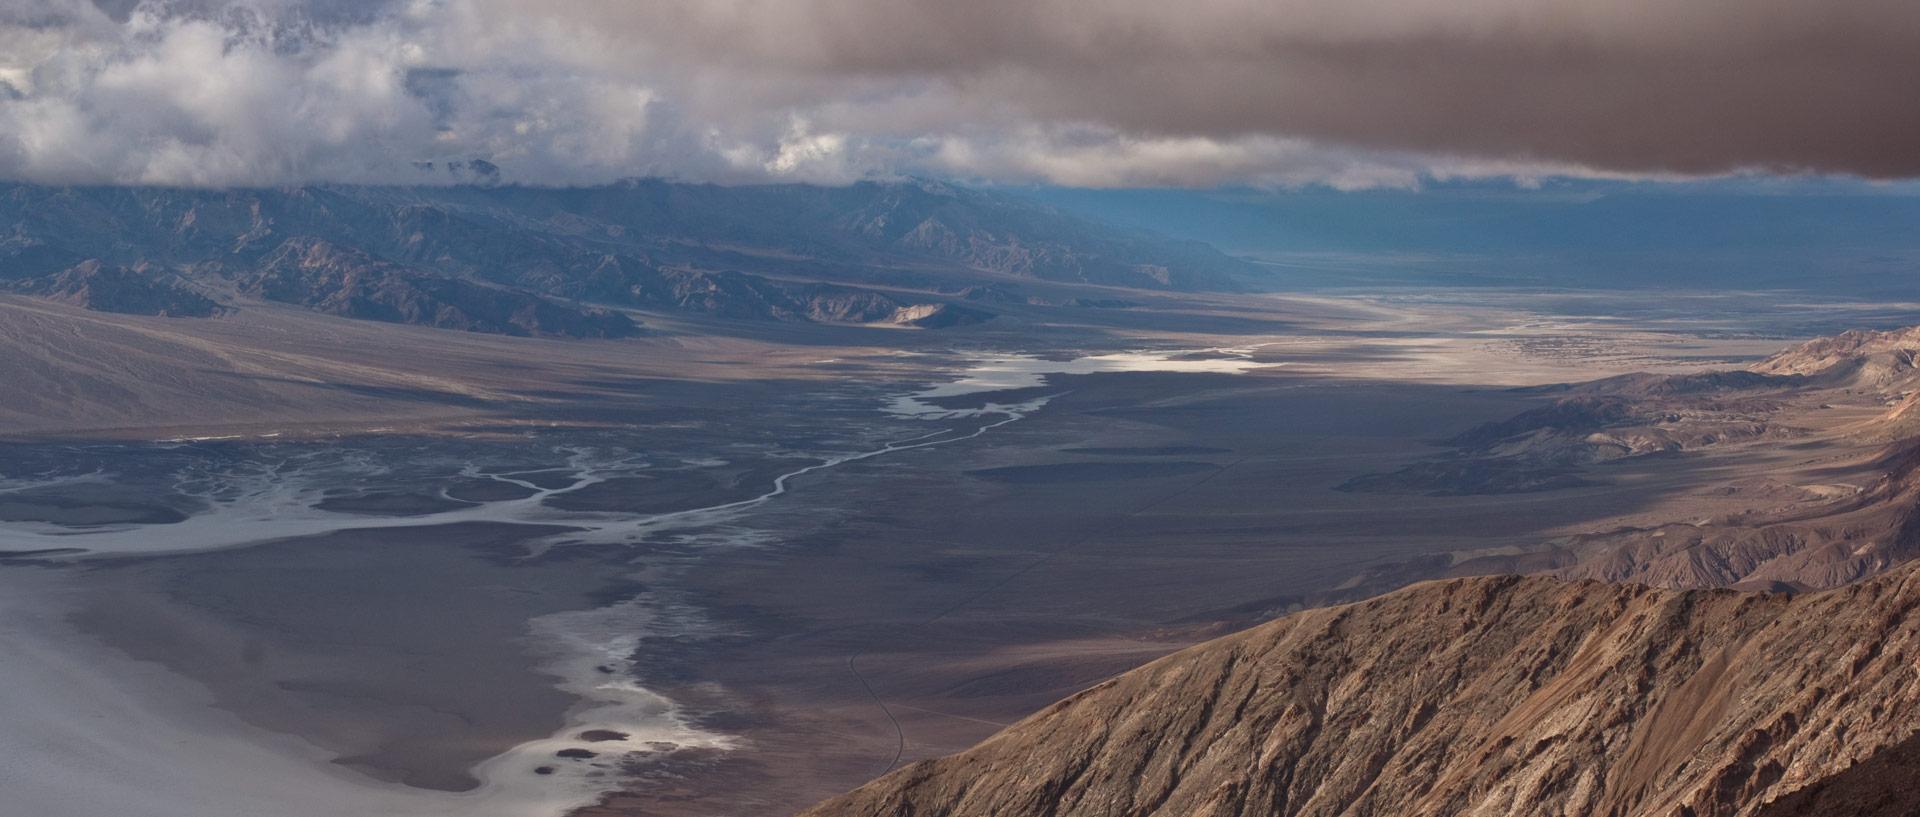 Death_Valley_6.jpg